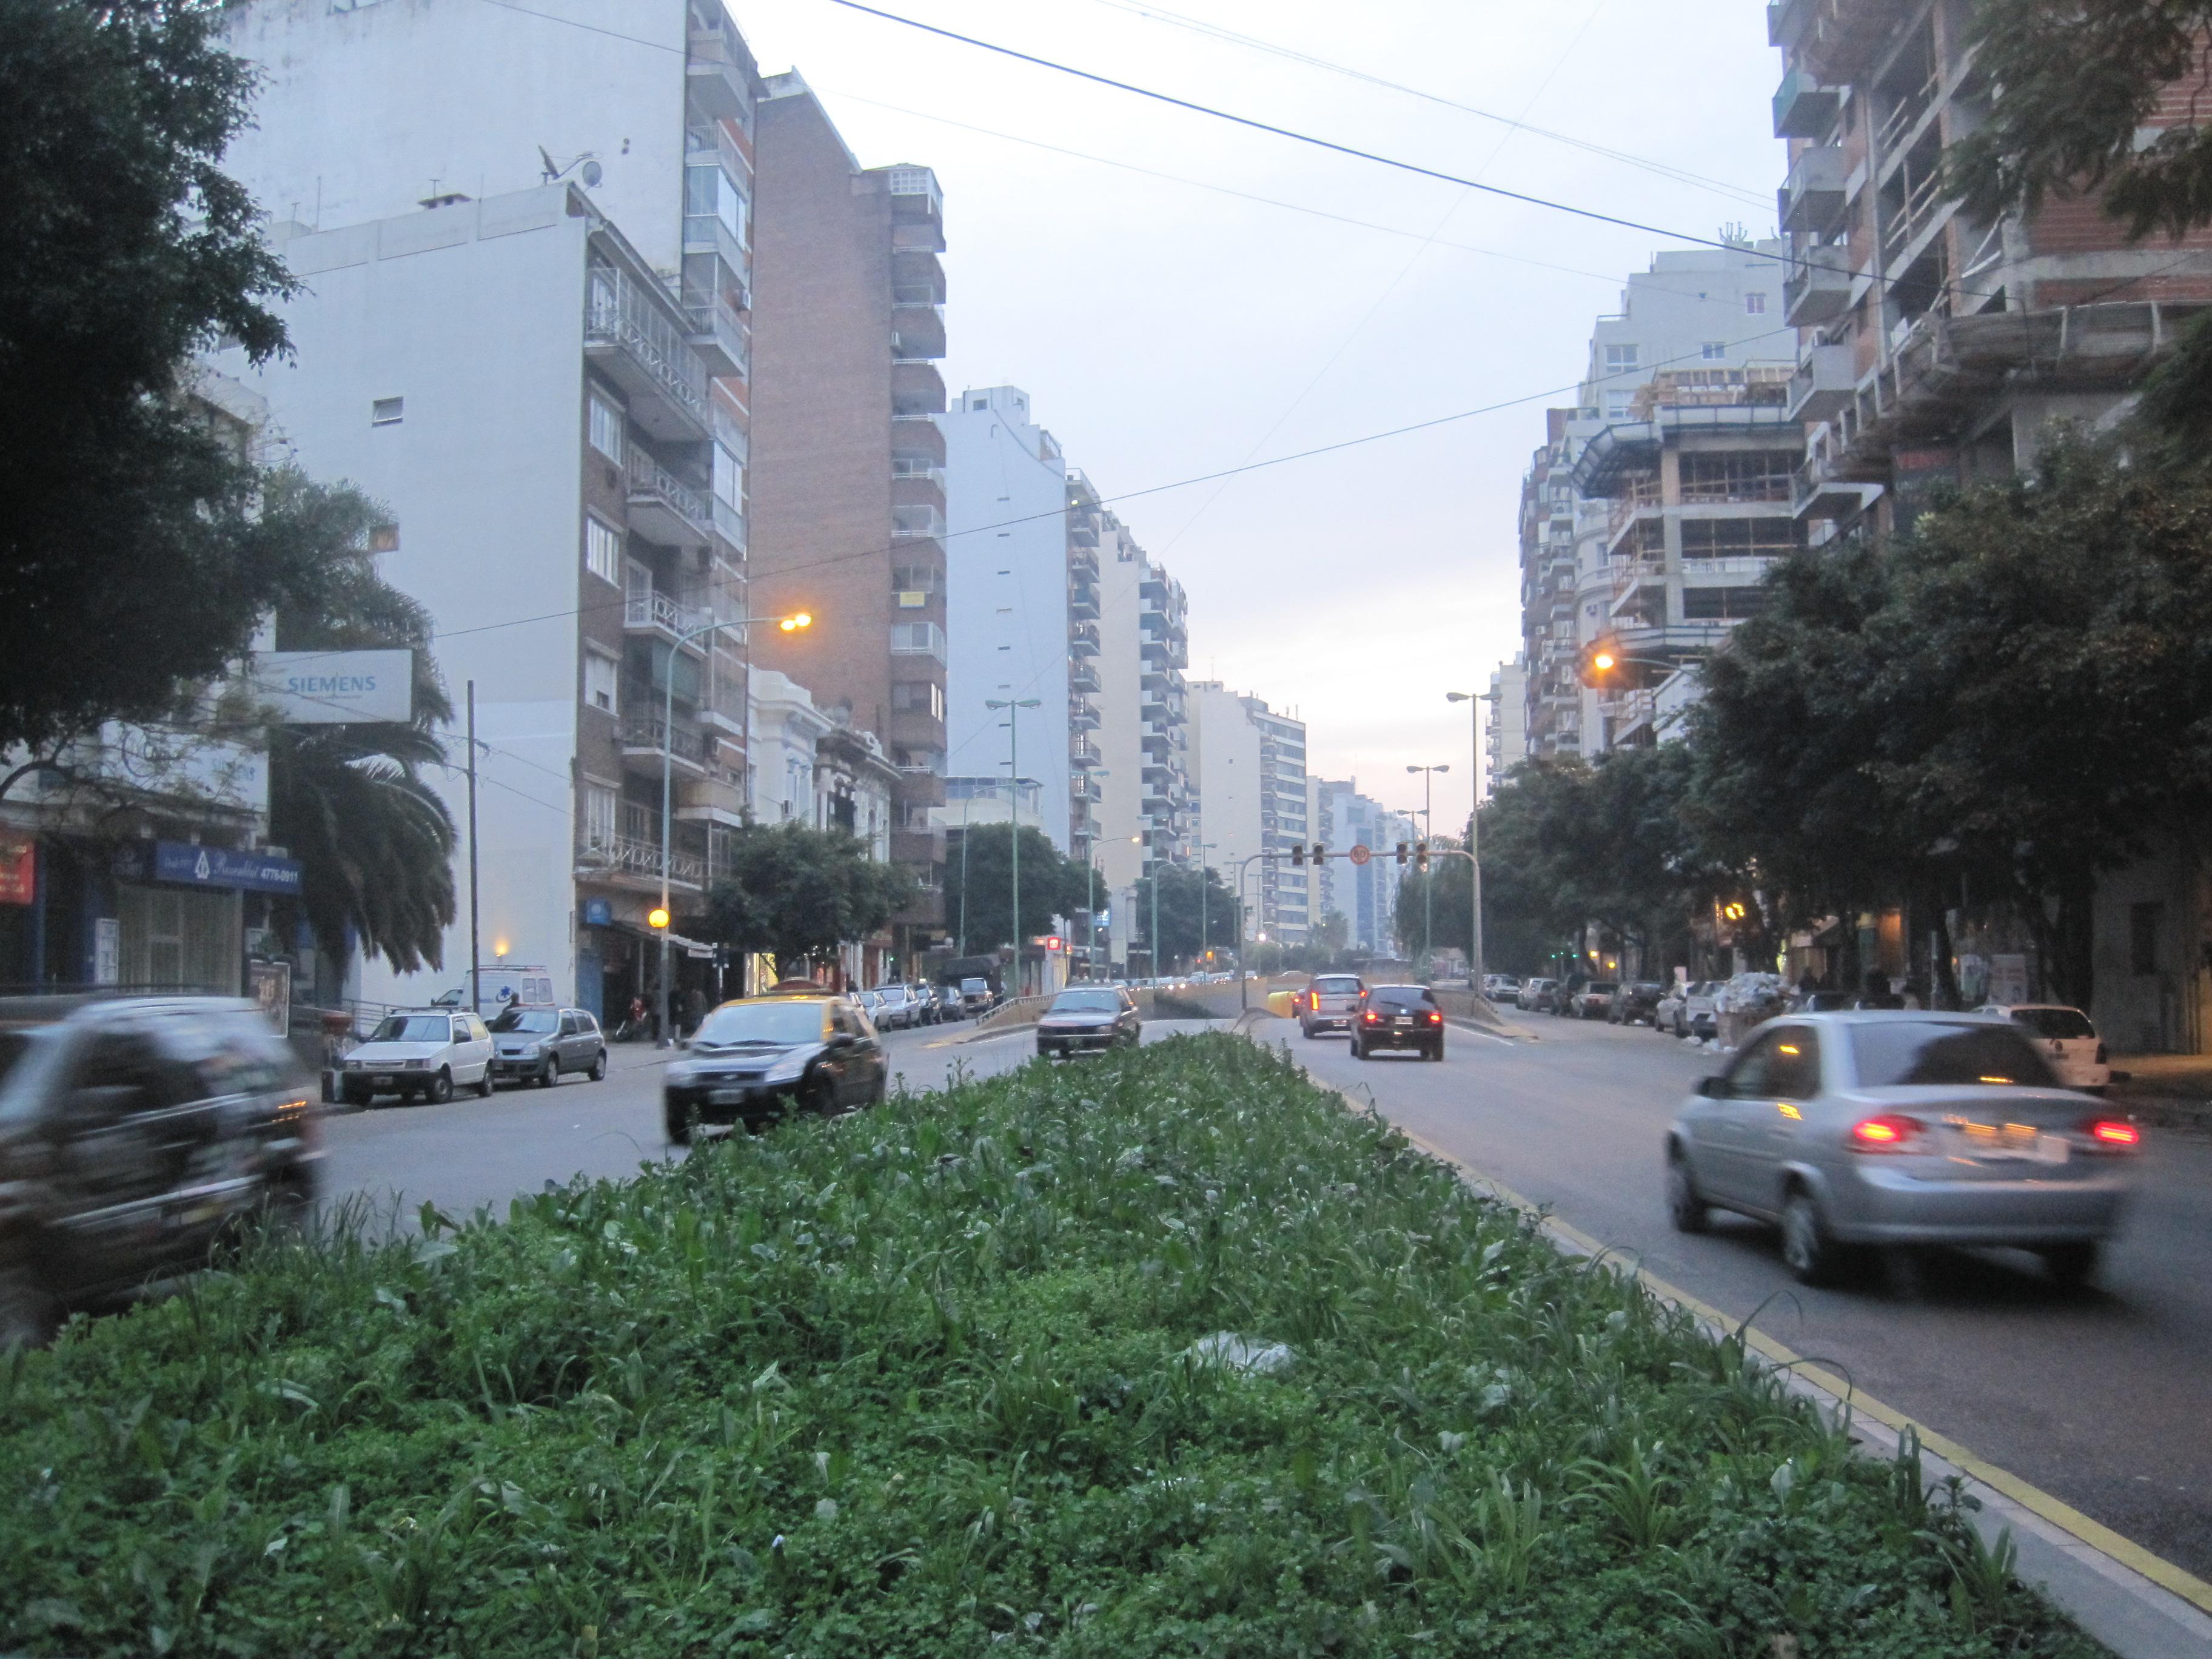 Revelado fotos avenida corrientes 41 76378a0ceab